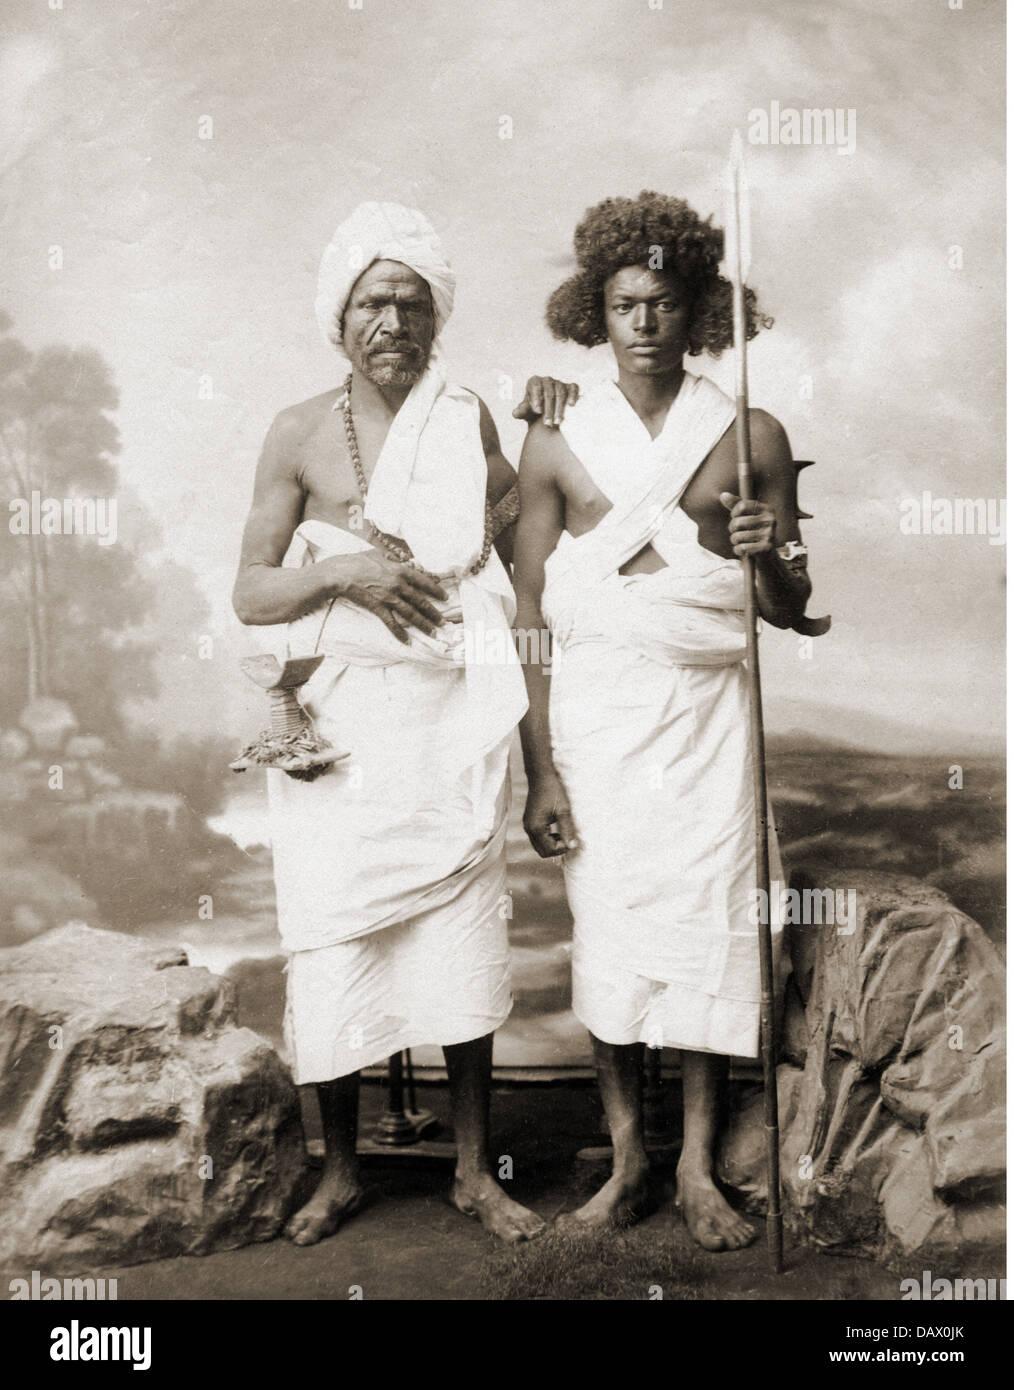 Geografía / viajes, Sudáfrica, Sudán, gente, guerreros de la zona de Suakin, Foto de estudio, de Imagen De Stock